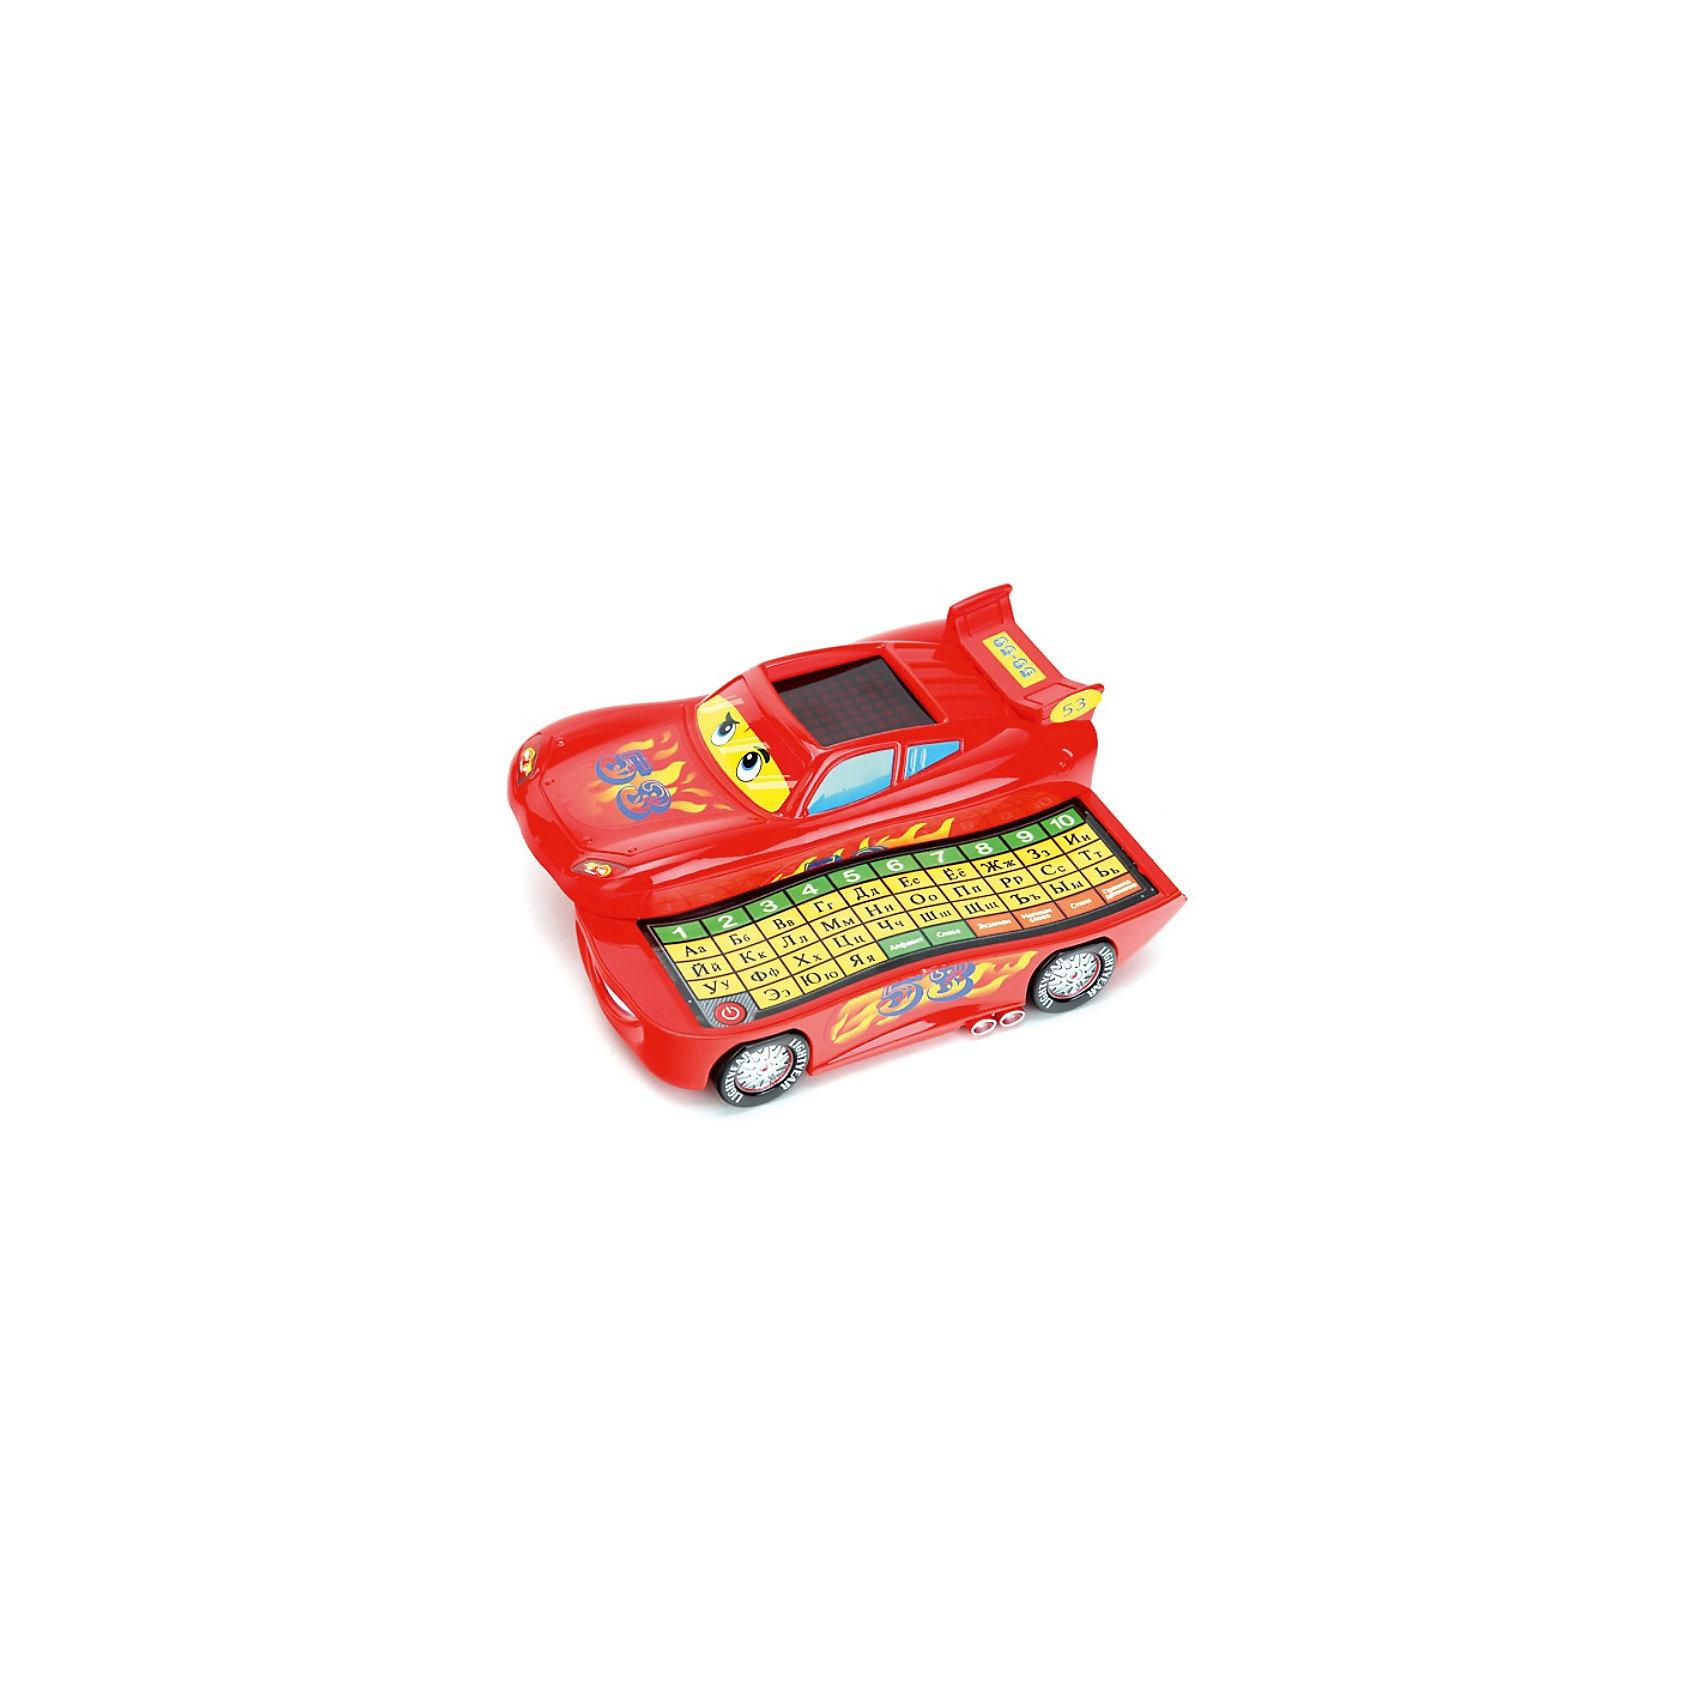 Обучающая машинка, с азбукой, УмкаИнтерактивные игрушки для малышей<br>Обучающая машинка, с азбукой, Умка – это забавная развивающая игрушка для малышей в виде машинки.<br>Этот оригинальный и умный детский гаджет будет не только развлечением, но и очень полезный вещицей у Вашего ребенка, которая каждый день будет знакомить его с чем-то новым и безумно радовать! Сделан этот чудо-гаджет в виде героя мультфильма «Тачки 2» (Cars) Молнии Маккуина и может даже неплохо ездить! Но основное преимущество этой игрушки в другом. Разложив ее одним движением руки, ребенок сможет начать игру-обучение! Внутри у машинки кроется сенсорная клавиатура, а на крыше располагается экран. На клавиатуре есть несколько режимов: алфавит, экзамен, слова, напиши слово, стихи и правила дорожного движения. В режиме «алфавит» ребенок может нажимать на буквы клавиатуры, а машинка будет произносить ее название. В режиме «Слова» машинка познакомит ребенка со словами, начинающимися на определенную букву, которую он нажал. «Напиши слово» - это режим, где ребенку нужно будет набрать правильно слово, данное машинкой в задании. Если оно написано с ошибкой, машинка сообщит об этом. <br>Также машинка может прочесть ребенку стихи и рассказать ему о правилах поведения на дороге. А в режиме экзамена ребенок сможет проверить полученные знания. От такой игрушки трудно будет оторваться и поэтому, обучение будет проходить интересно и с удовольствием!<br><br>Дополнительная информация:<br><br>- В памяти машинки: 53 стихотворения, песня<br>- Материал: высококачественная пластмасса<br>- Размер игрушки: 8 х 20 х 15 см.<br>- Батарейки: 3 x батареи х AA (входят в комплект)<br><br>Обучающую машинку, с азбукой, Умка можно купить в нашем интернет-магазине.<br><br>Ширина мм: 200<br>Глубина мм: 80<br>Высота мм: 160<br>Вес г: 440<br>Возраст от месяцев: 12<br>Возраст до месяцев: 60<br>Пол: Унисекс<br>Возраст: Детский<br>SKU: 3789459